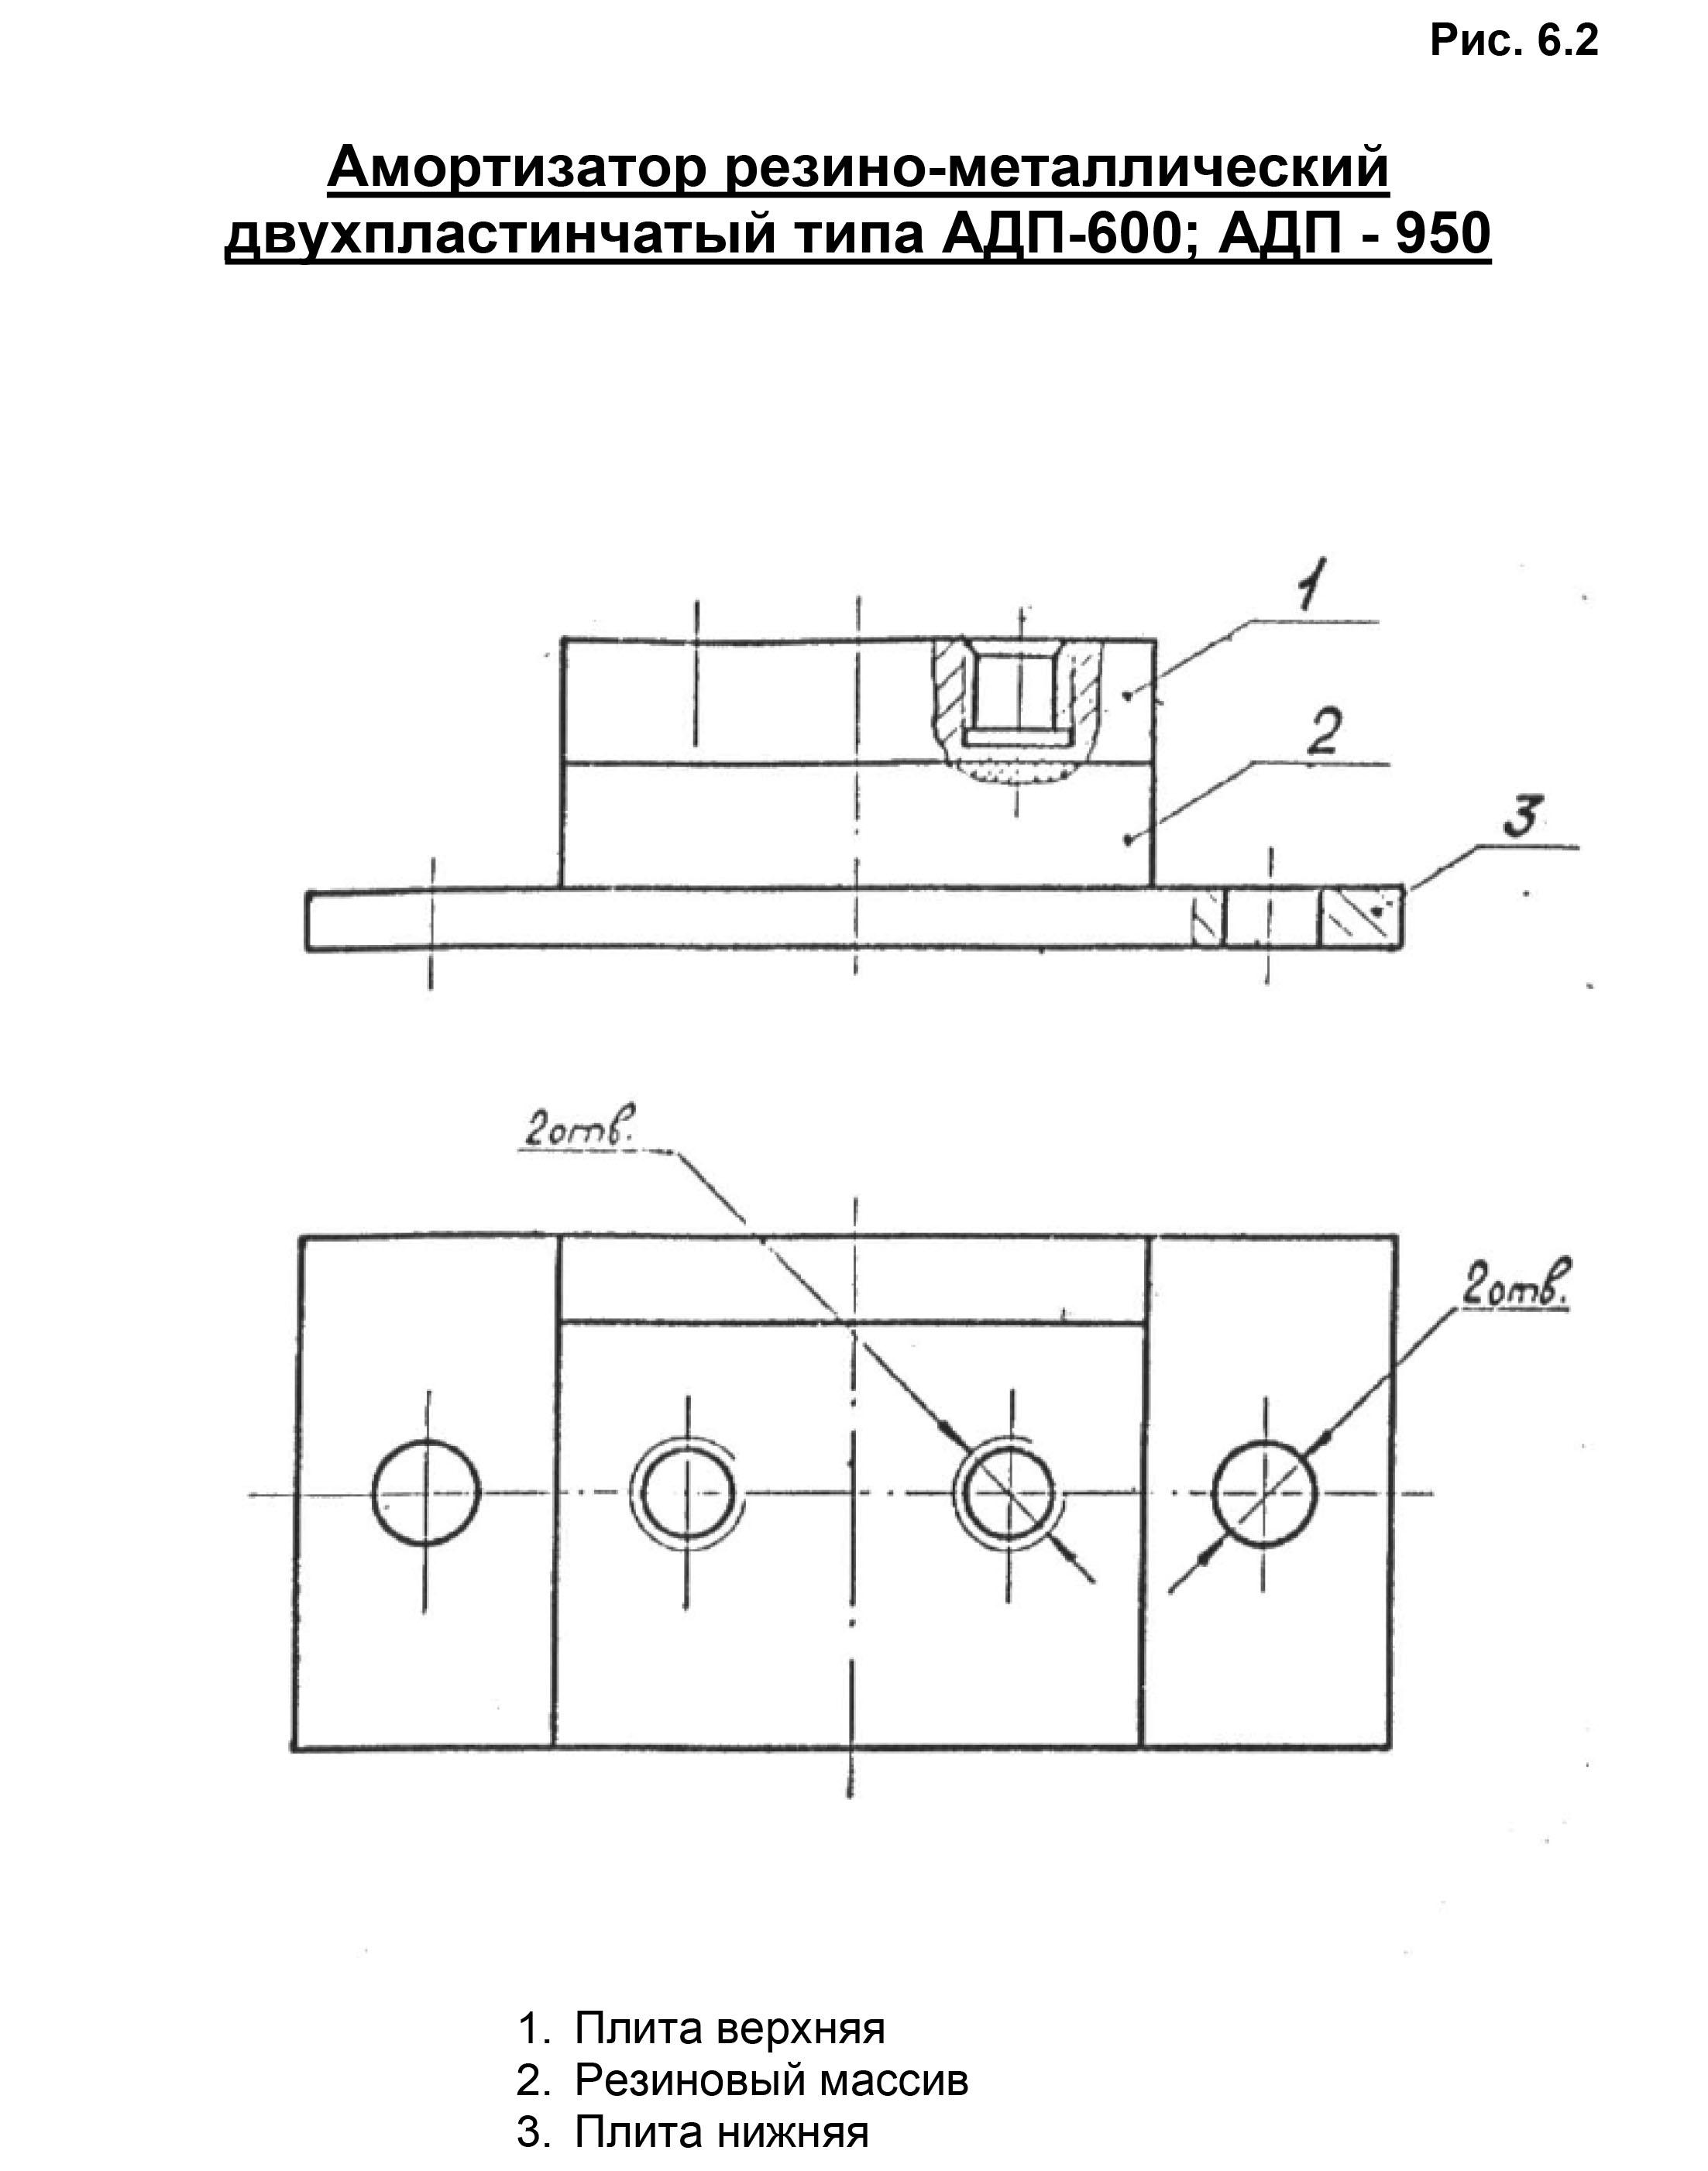 Амортизатор АДП-600  АДП-950